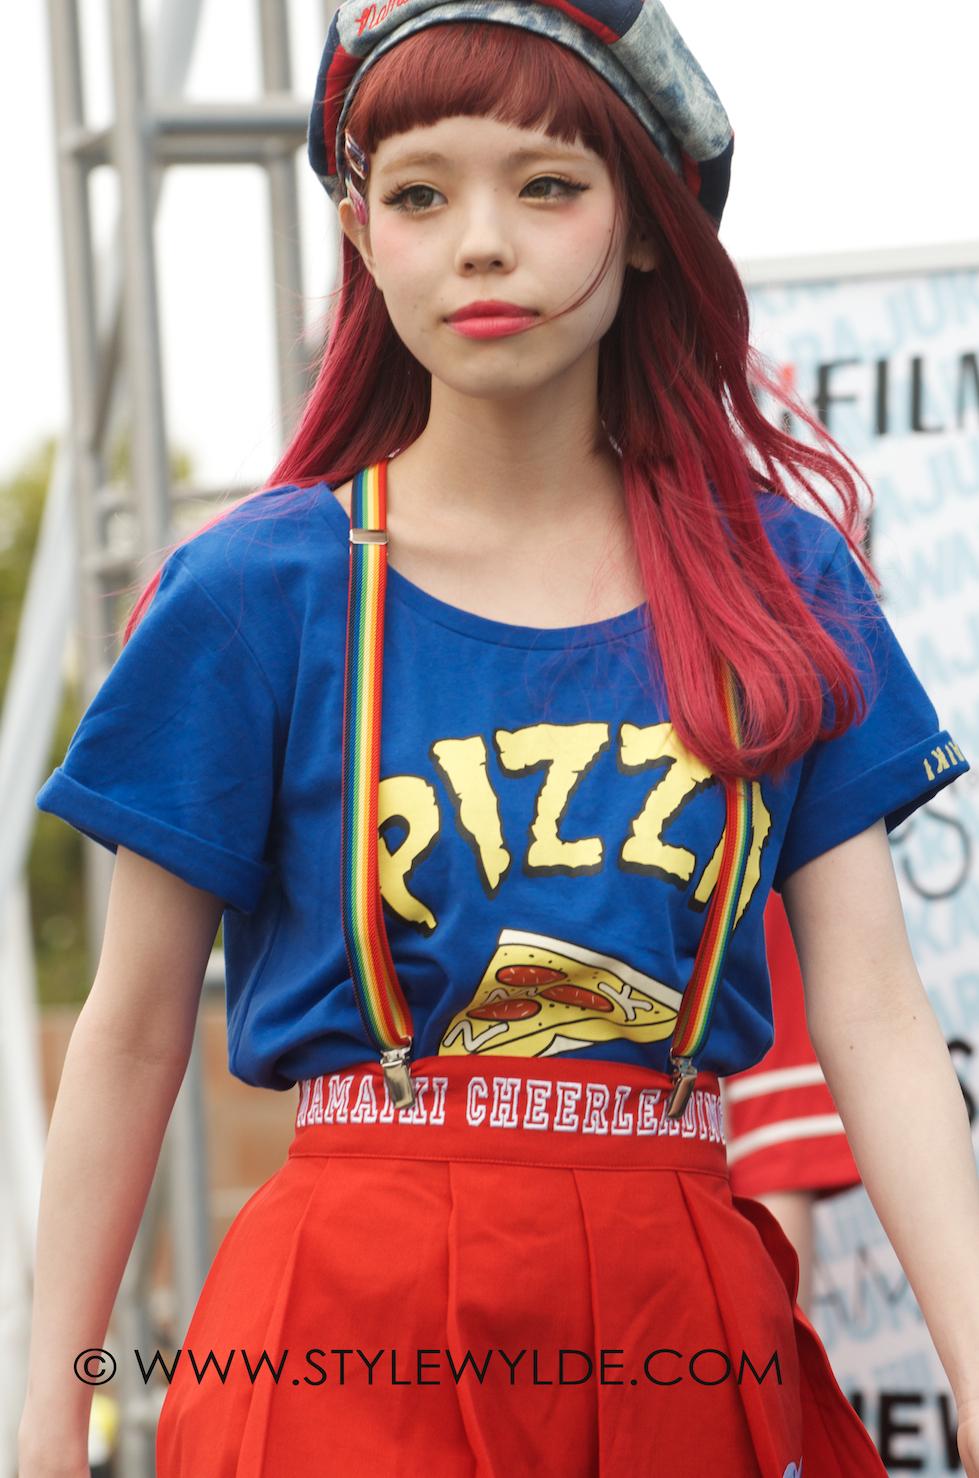 stylewylde_ayumiseto_july27-1.jpg